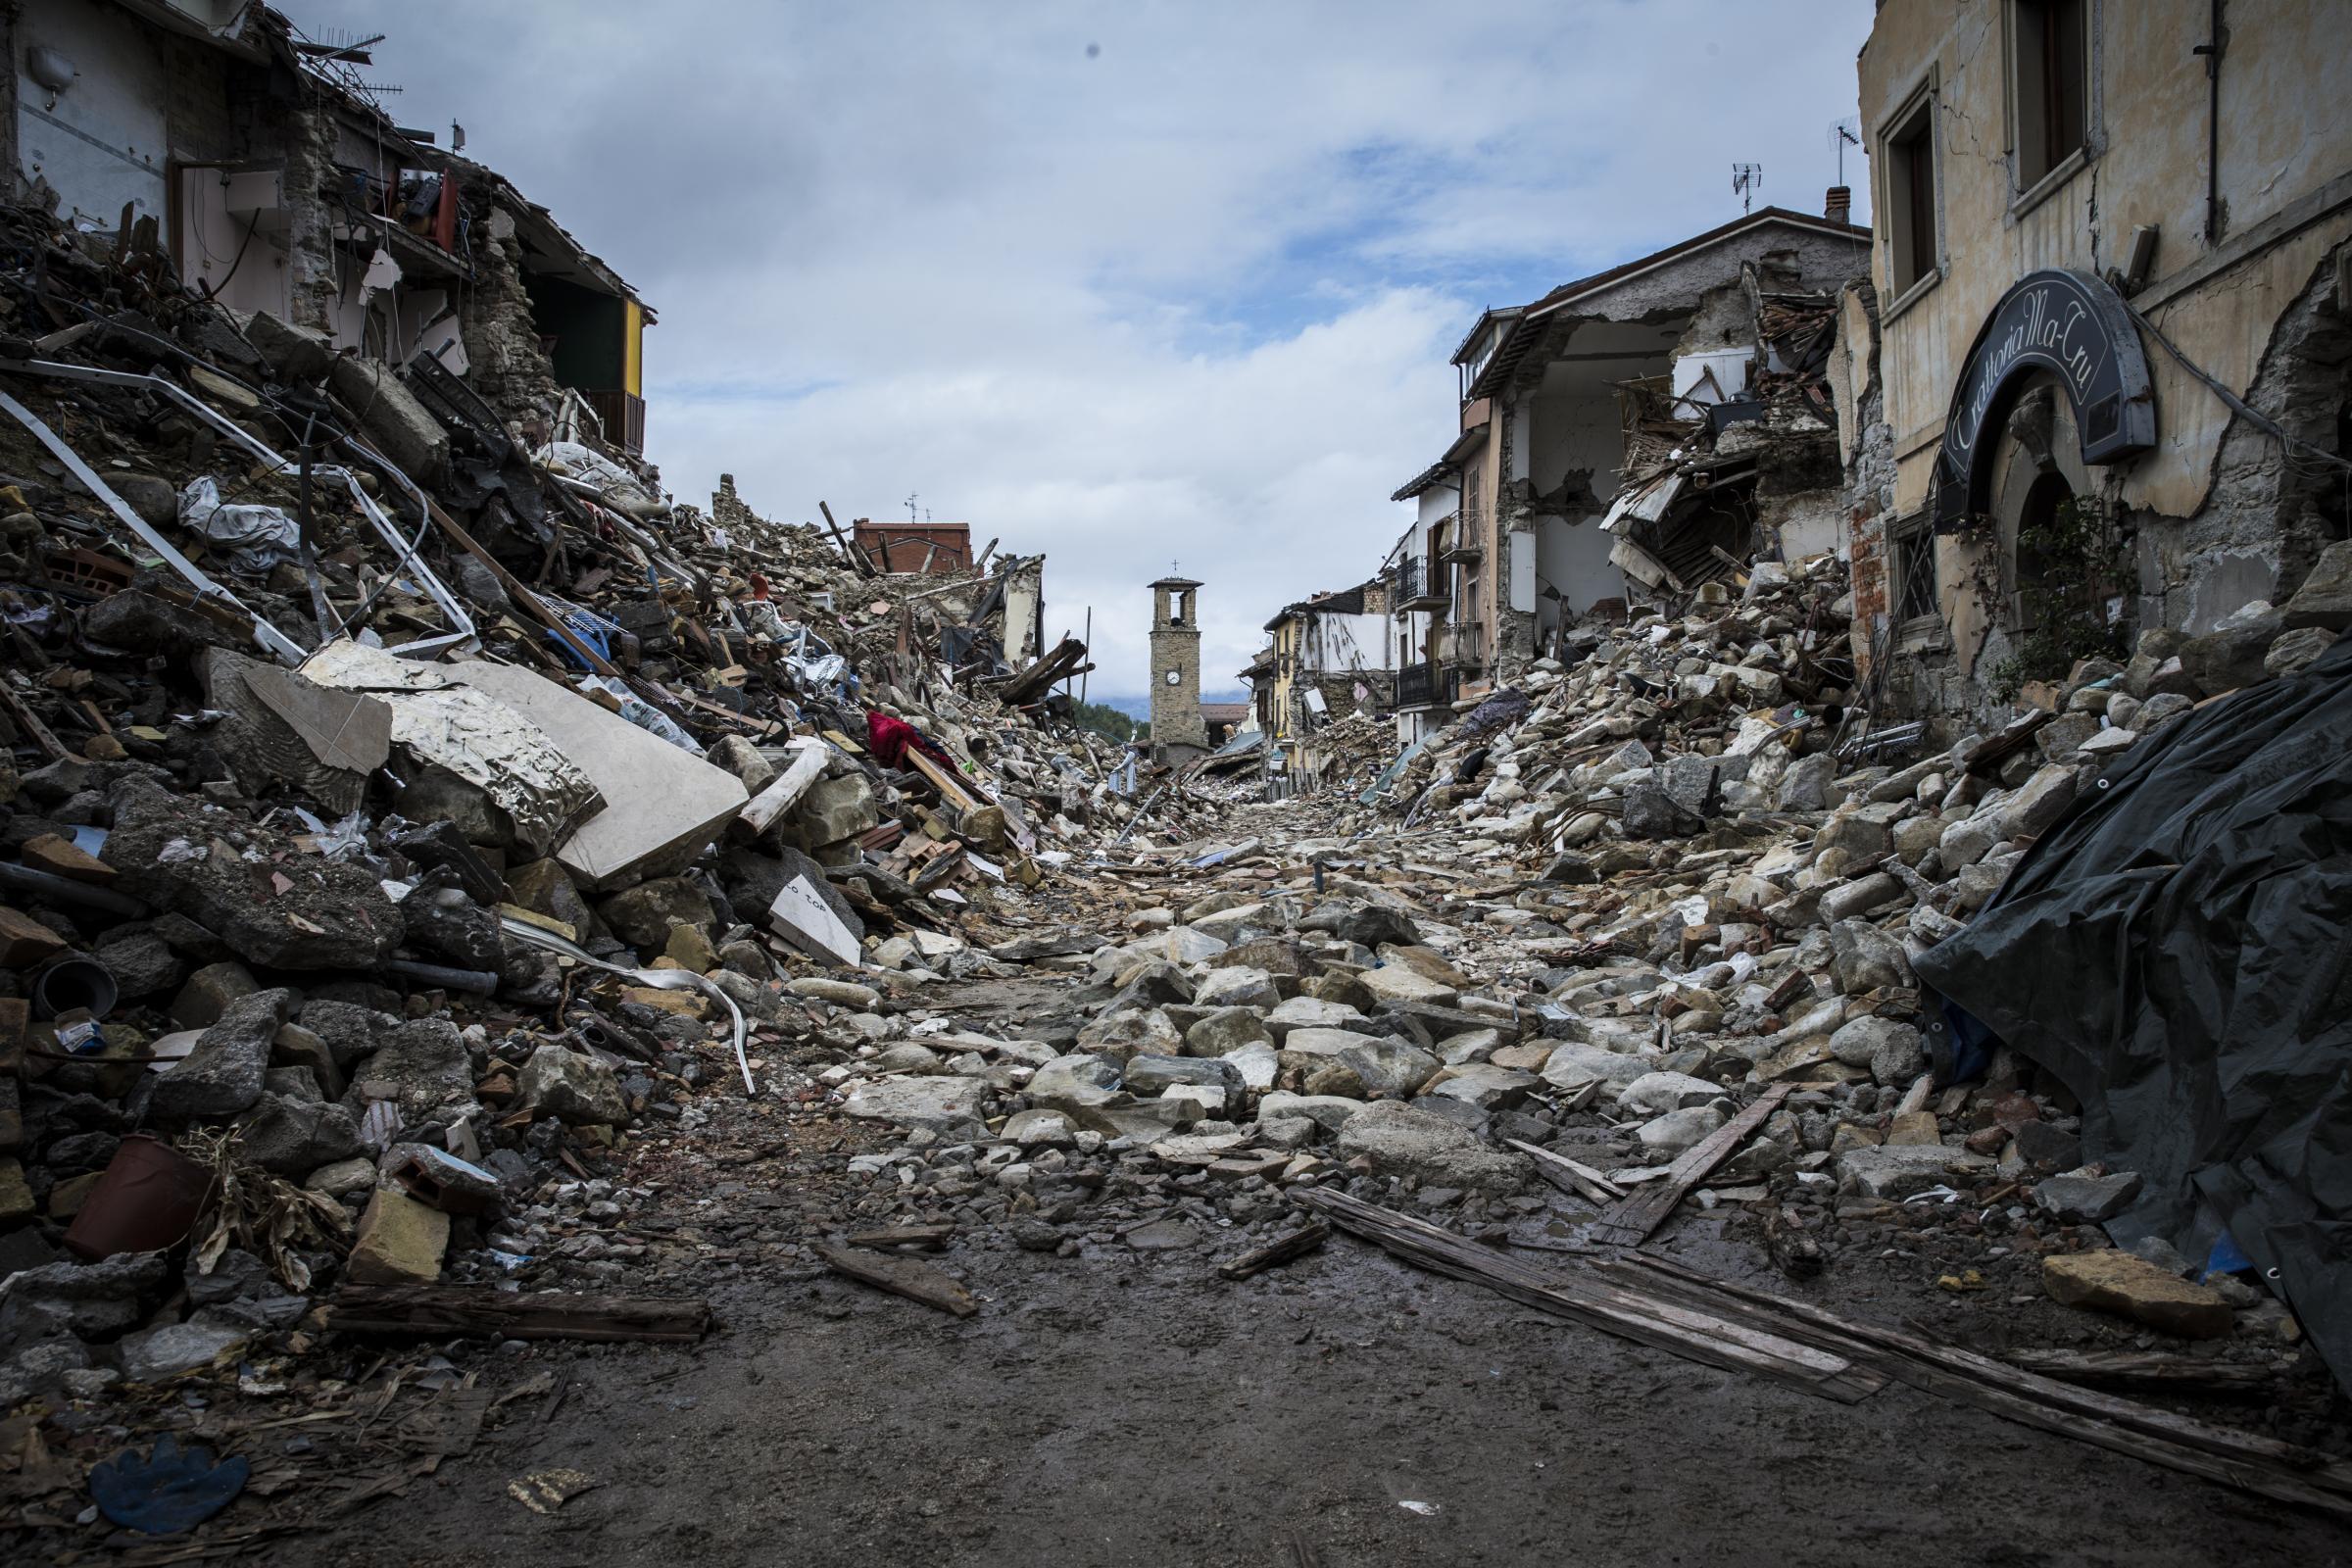 Terremoto la camera destina i suoi risparmi 80 milioni for Ordine del giorno camera dei deputati